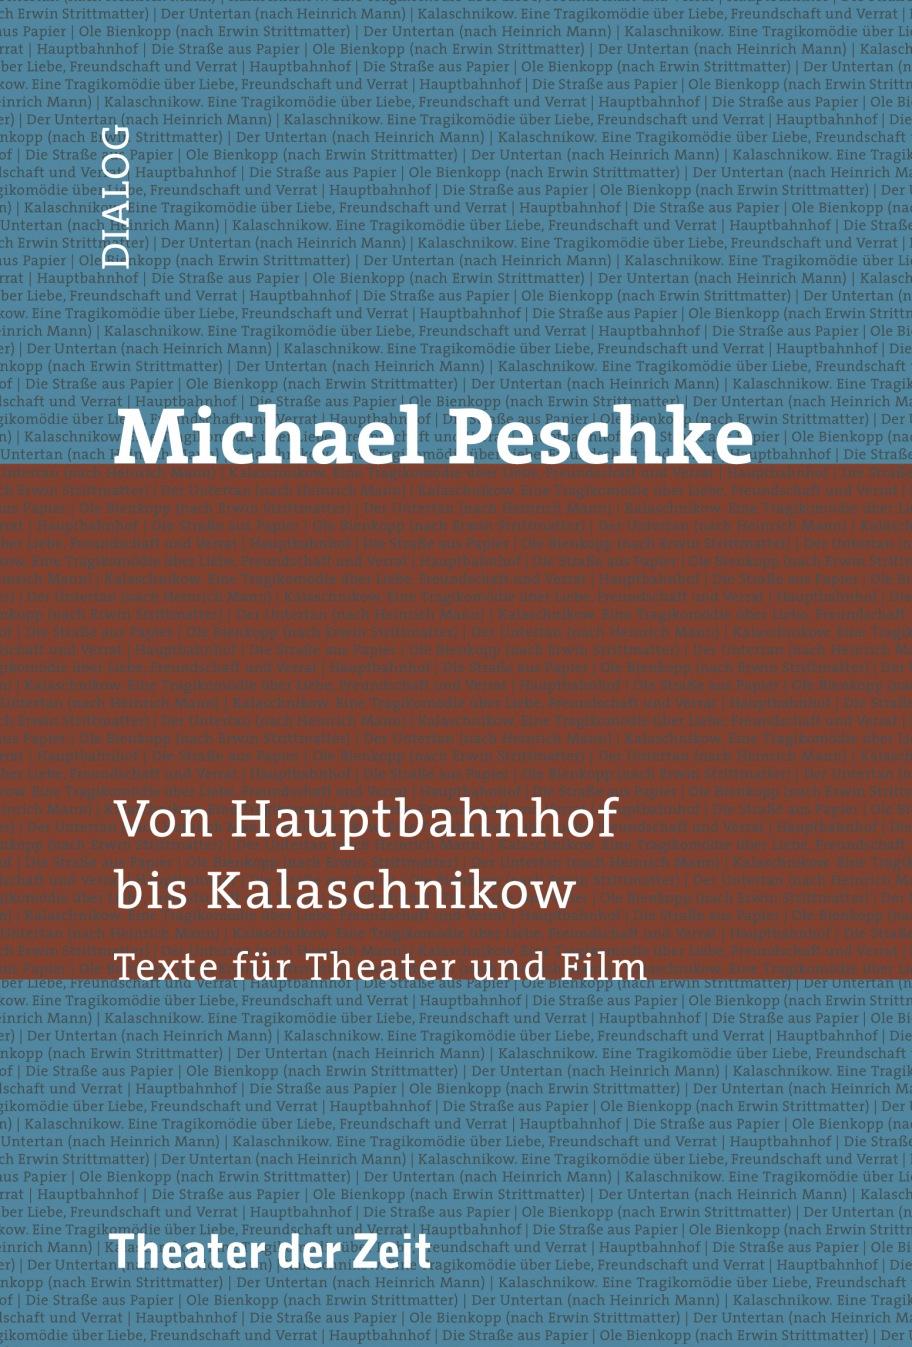 Michael Peschke: Von Hauptbahnhof bis Kalaschnikow